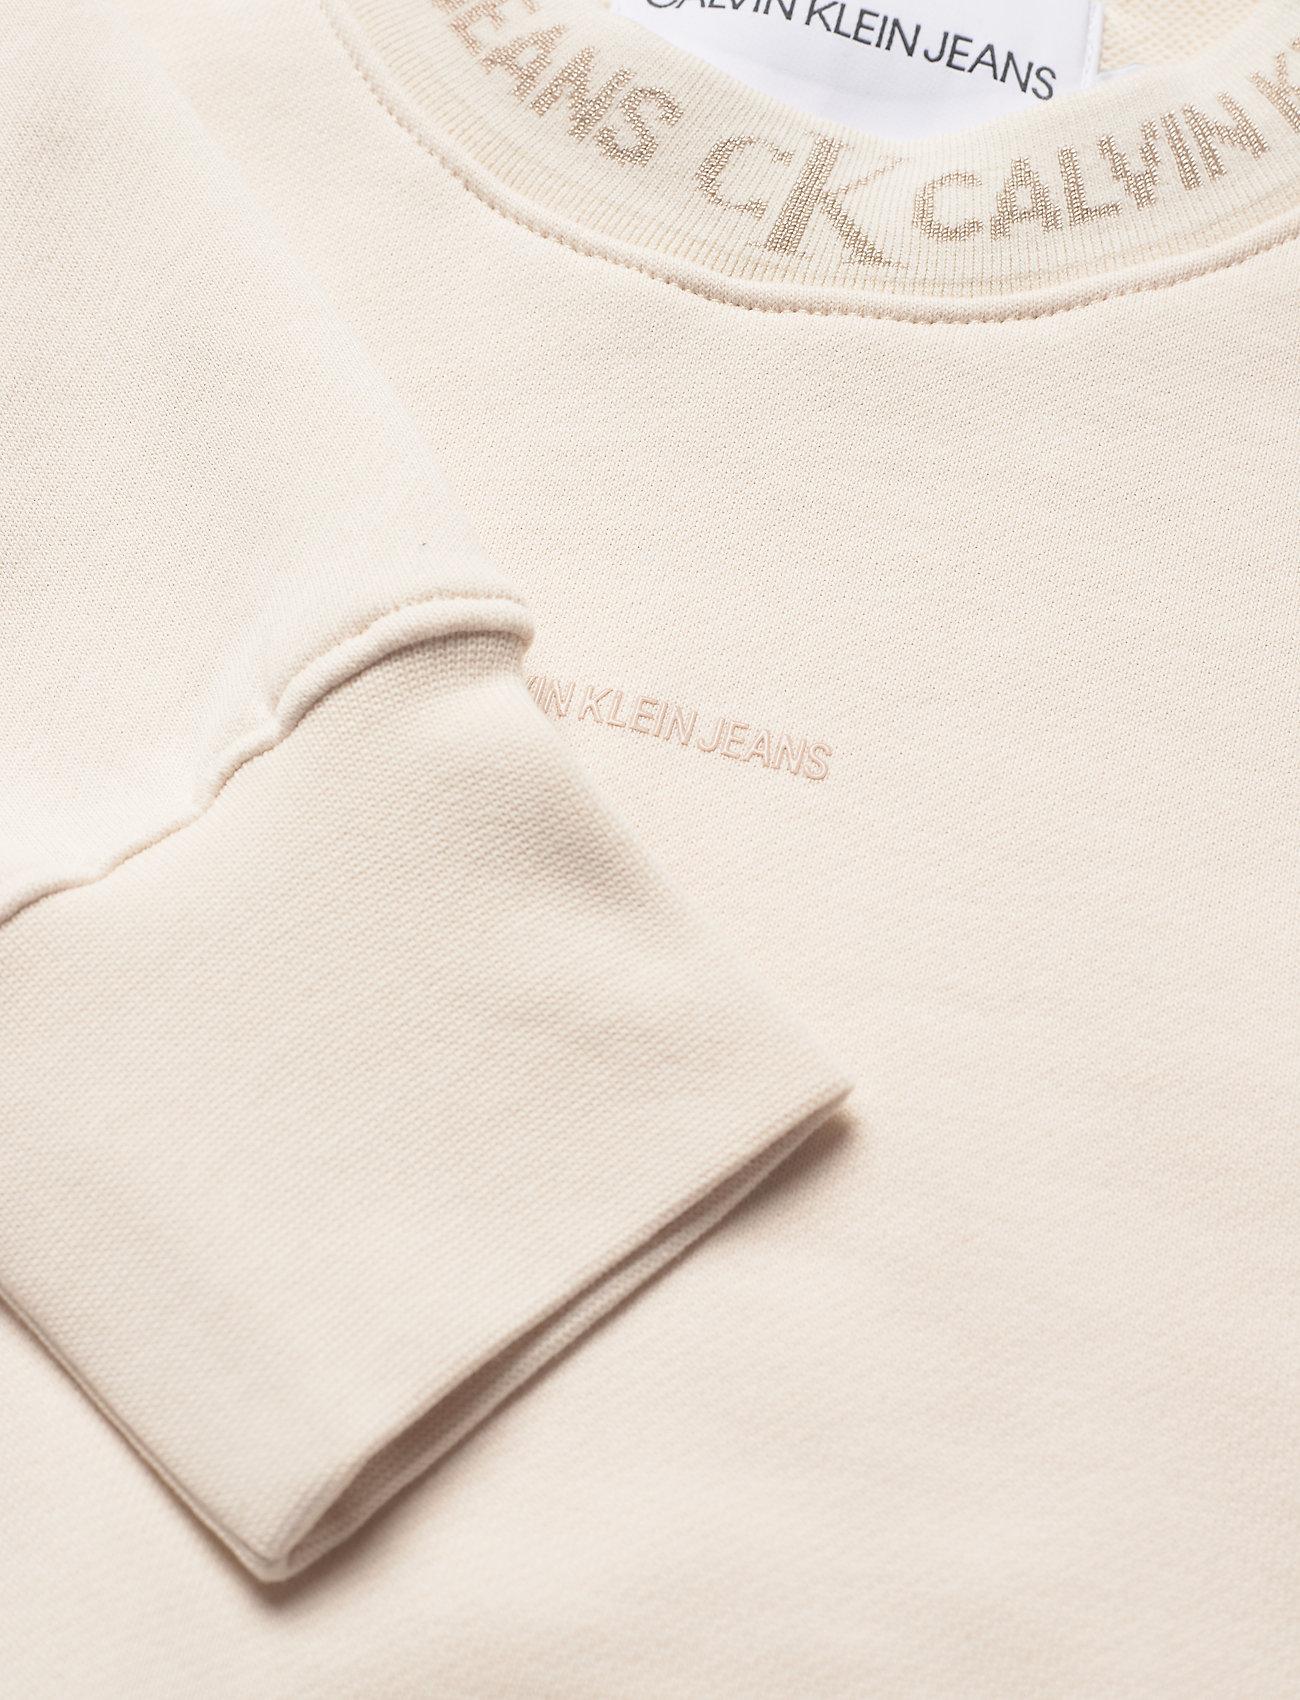 Calvin Klein Jeans - LOGO TRIM CREW NECK SWEATSHIRT - sweatshirts & hoodies - white sand - 2